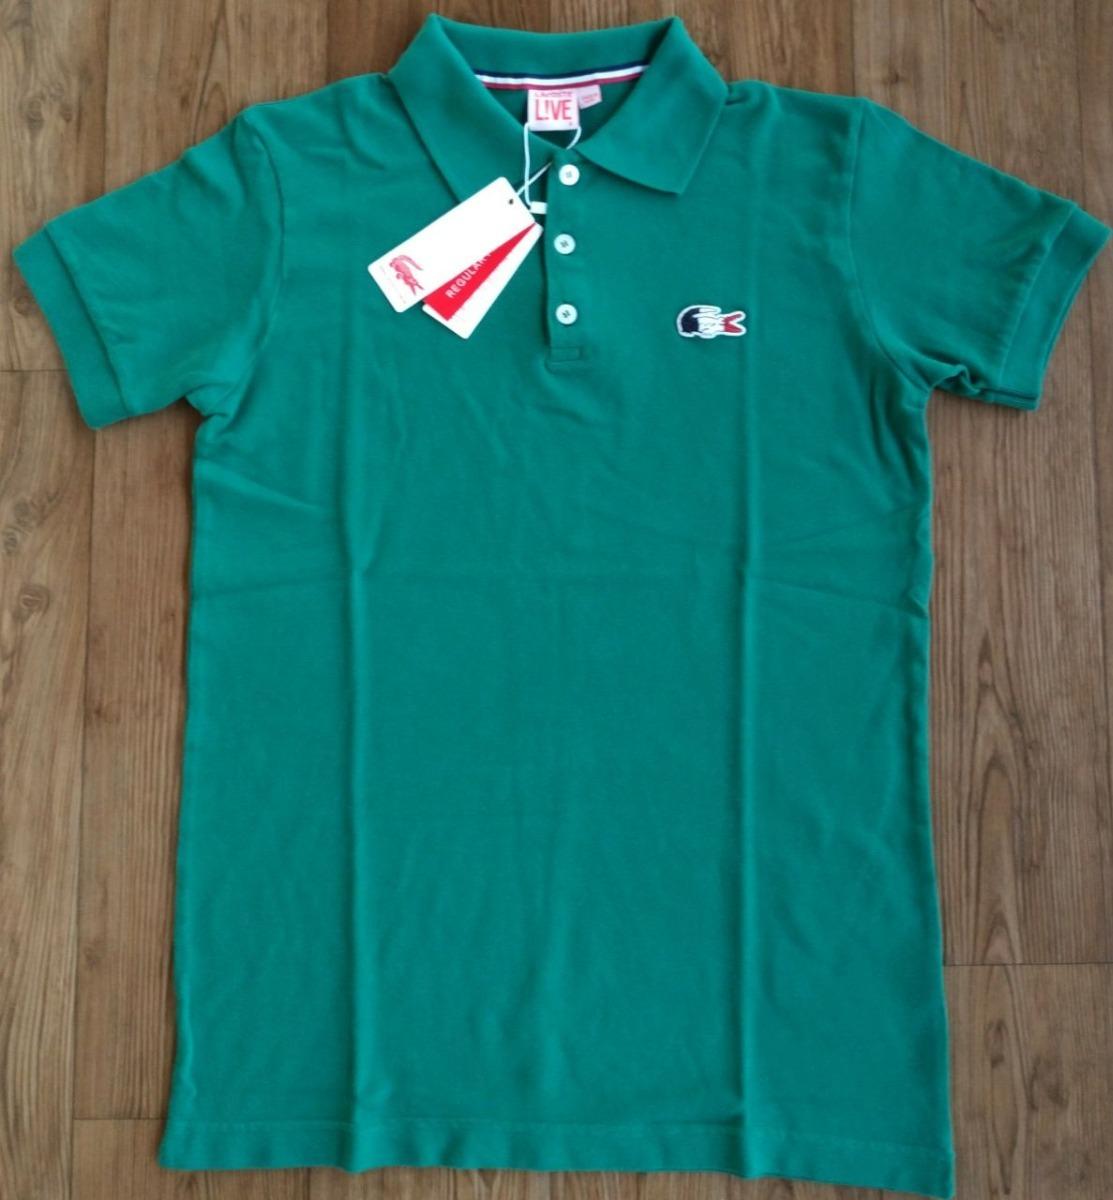 camisa polo lacoste original importada do peru 6 unidades. Carregando zoom. 4defbe9b39